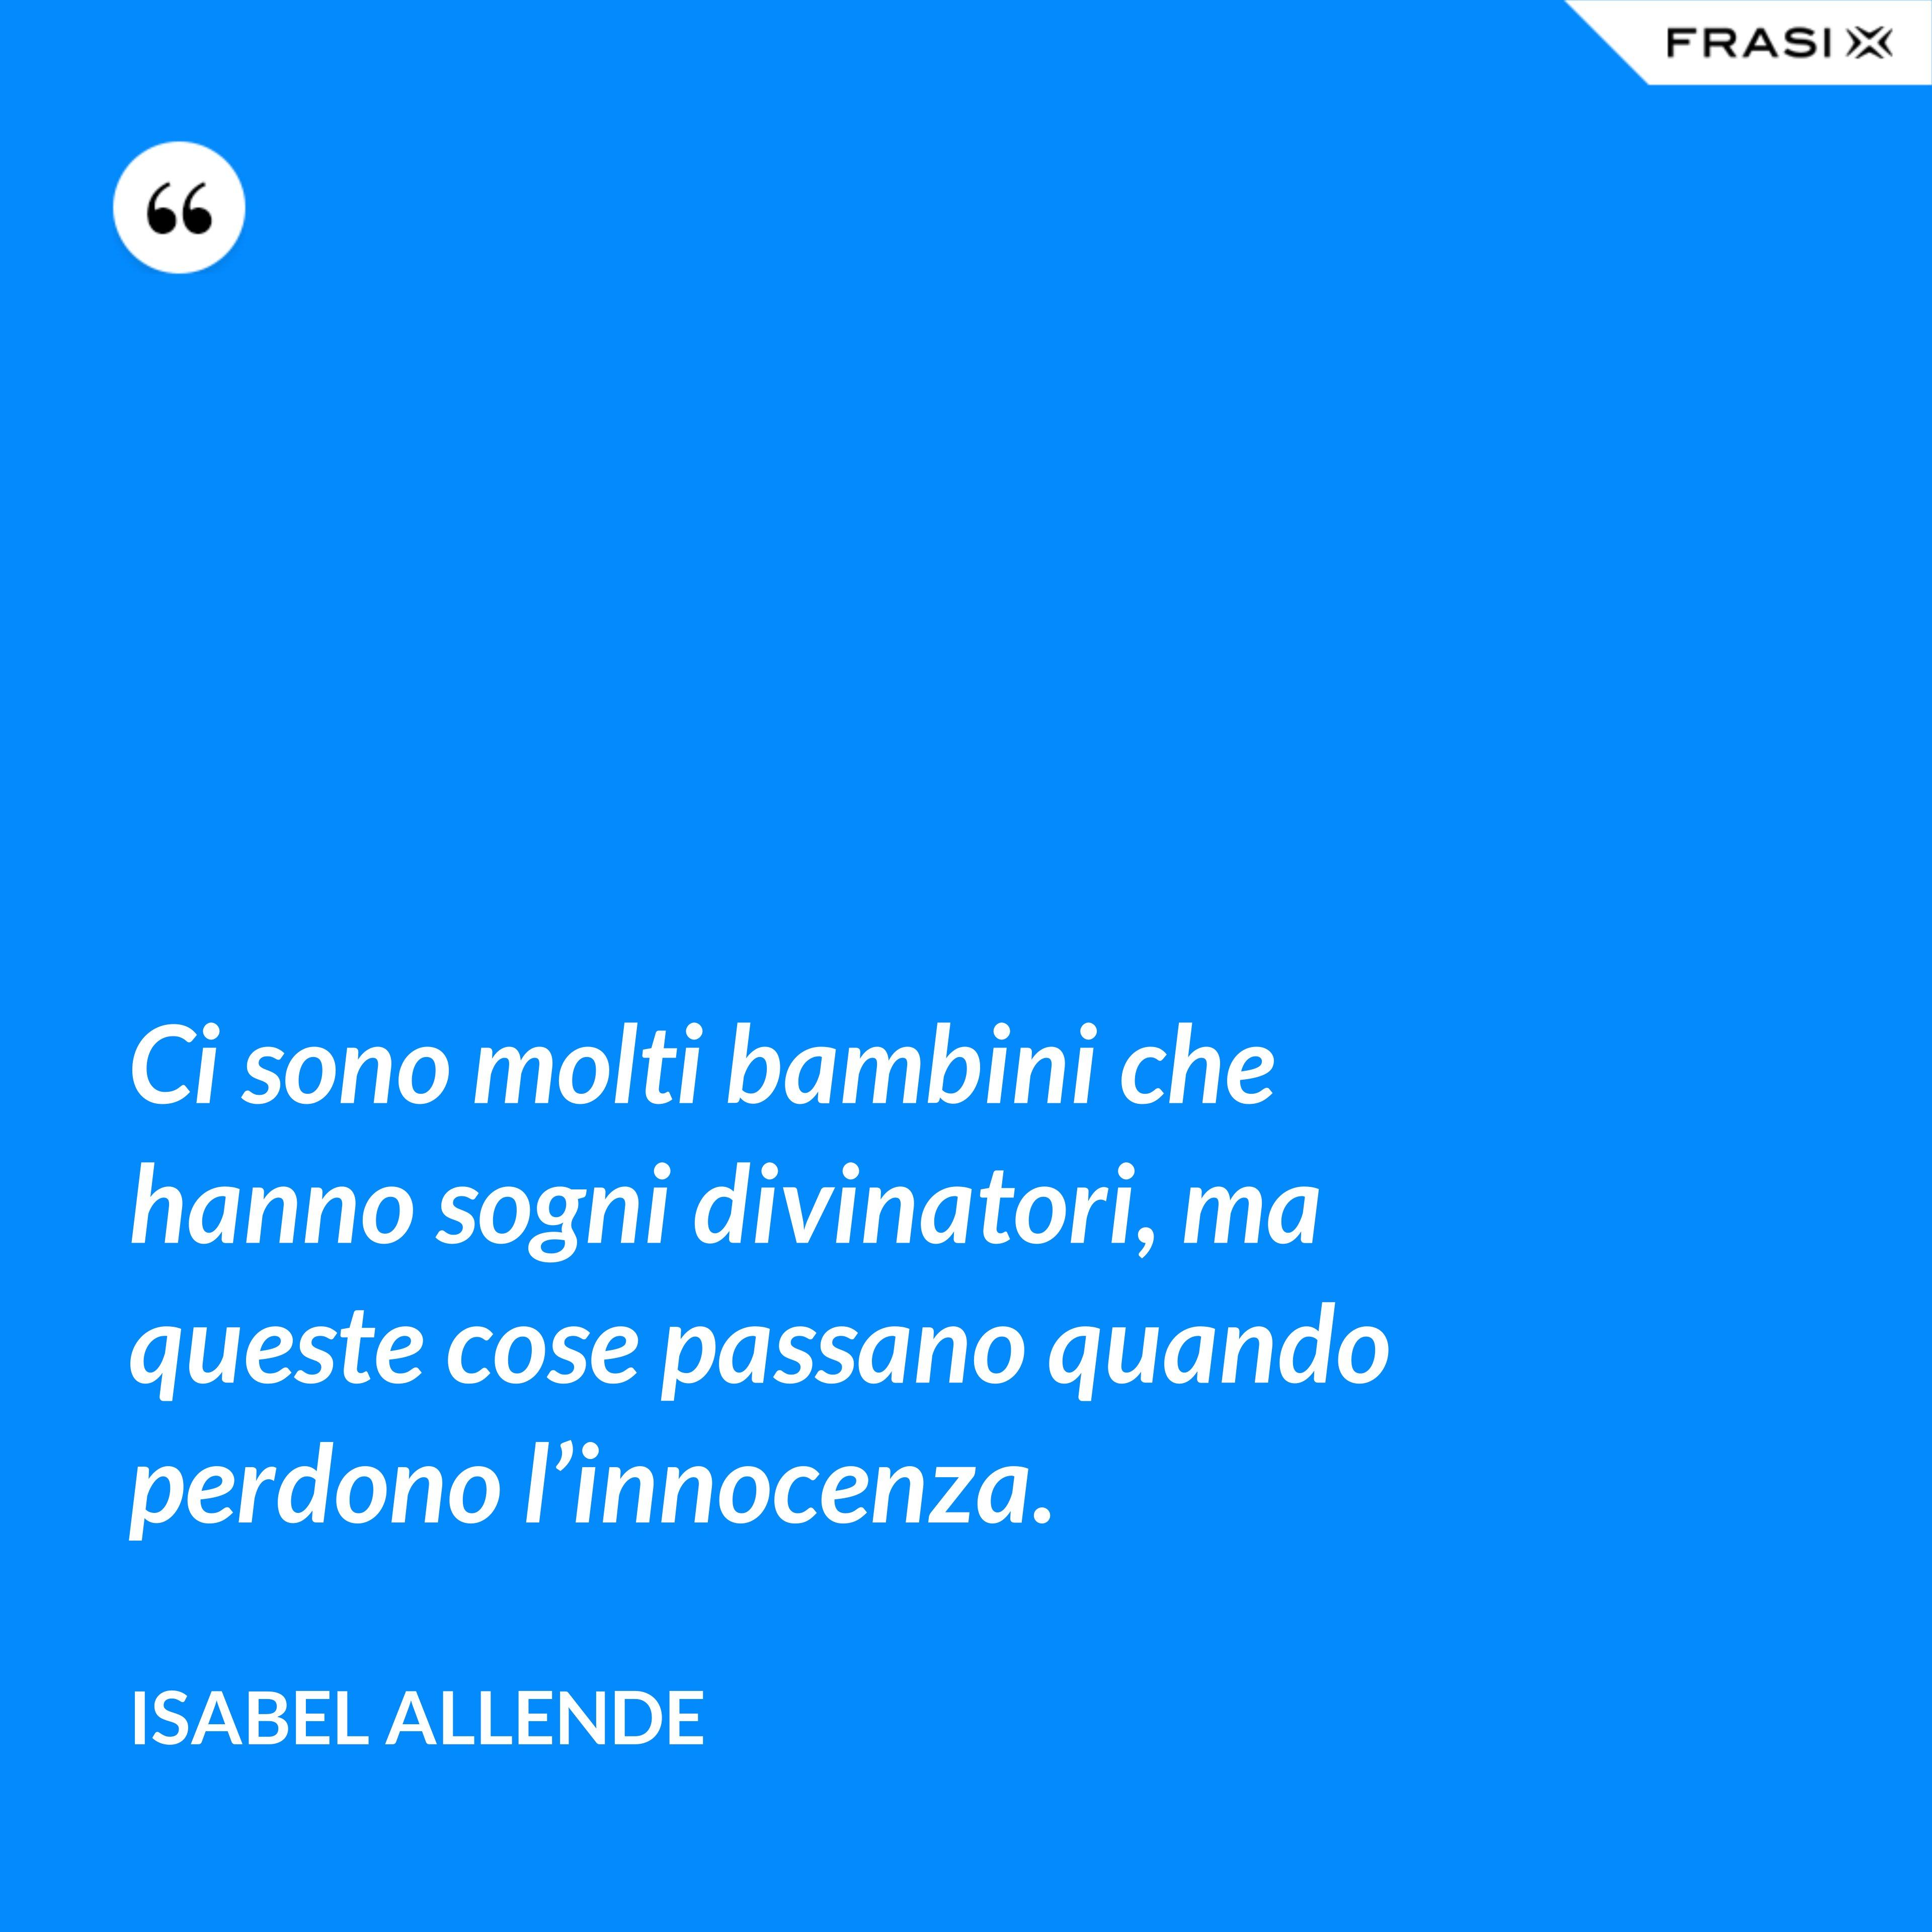 Ci sono molti bambini che hanno sogni divinatori, ma queste cose passano quando perdono l'innocenza. - Isabel Allende